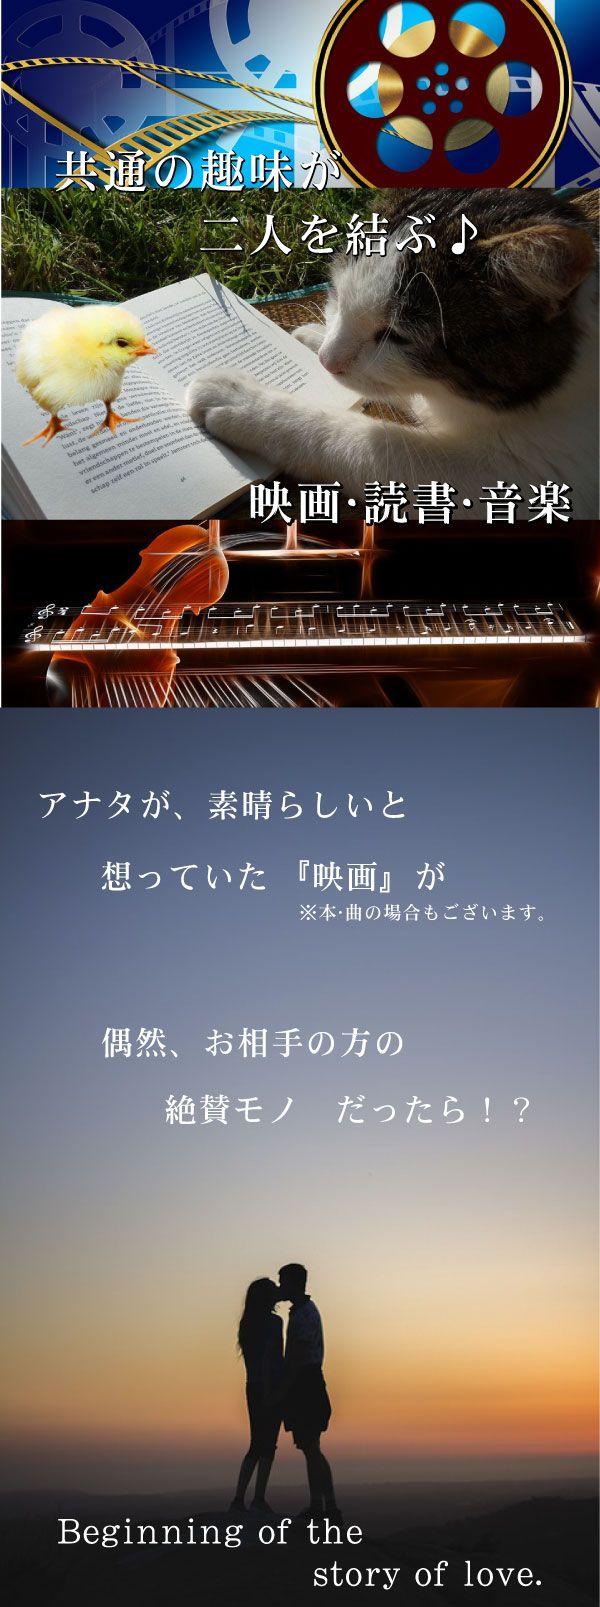 街コン バナー 映画本音楽